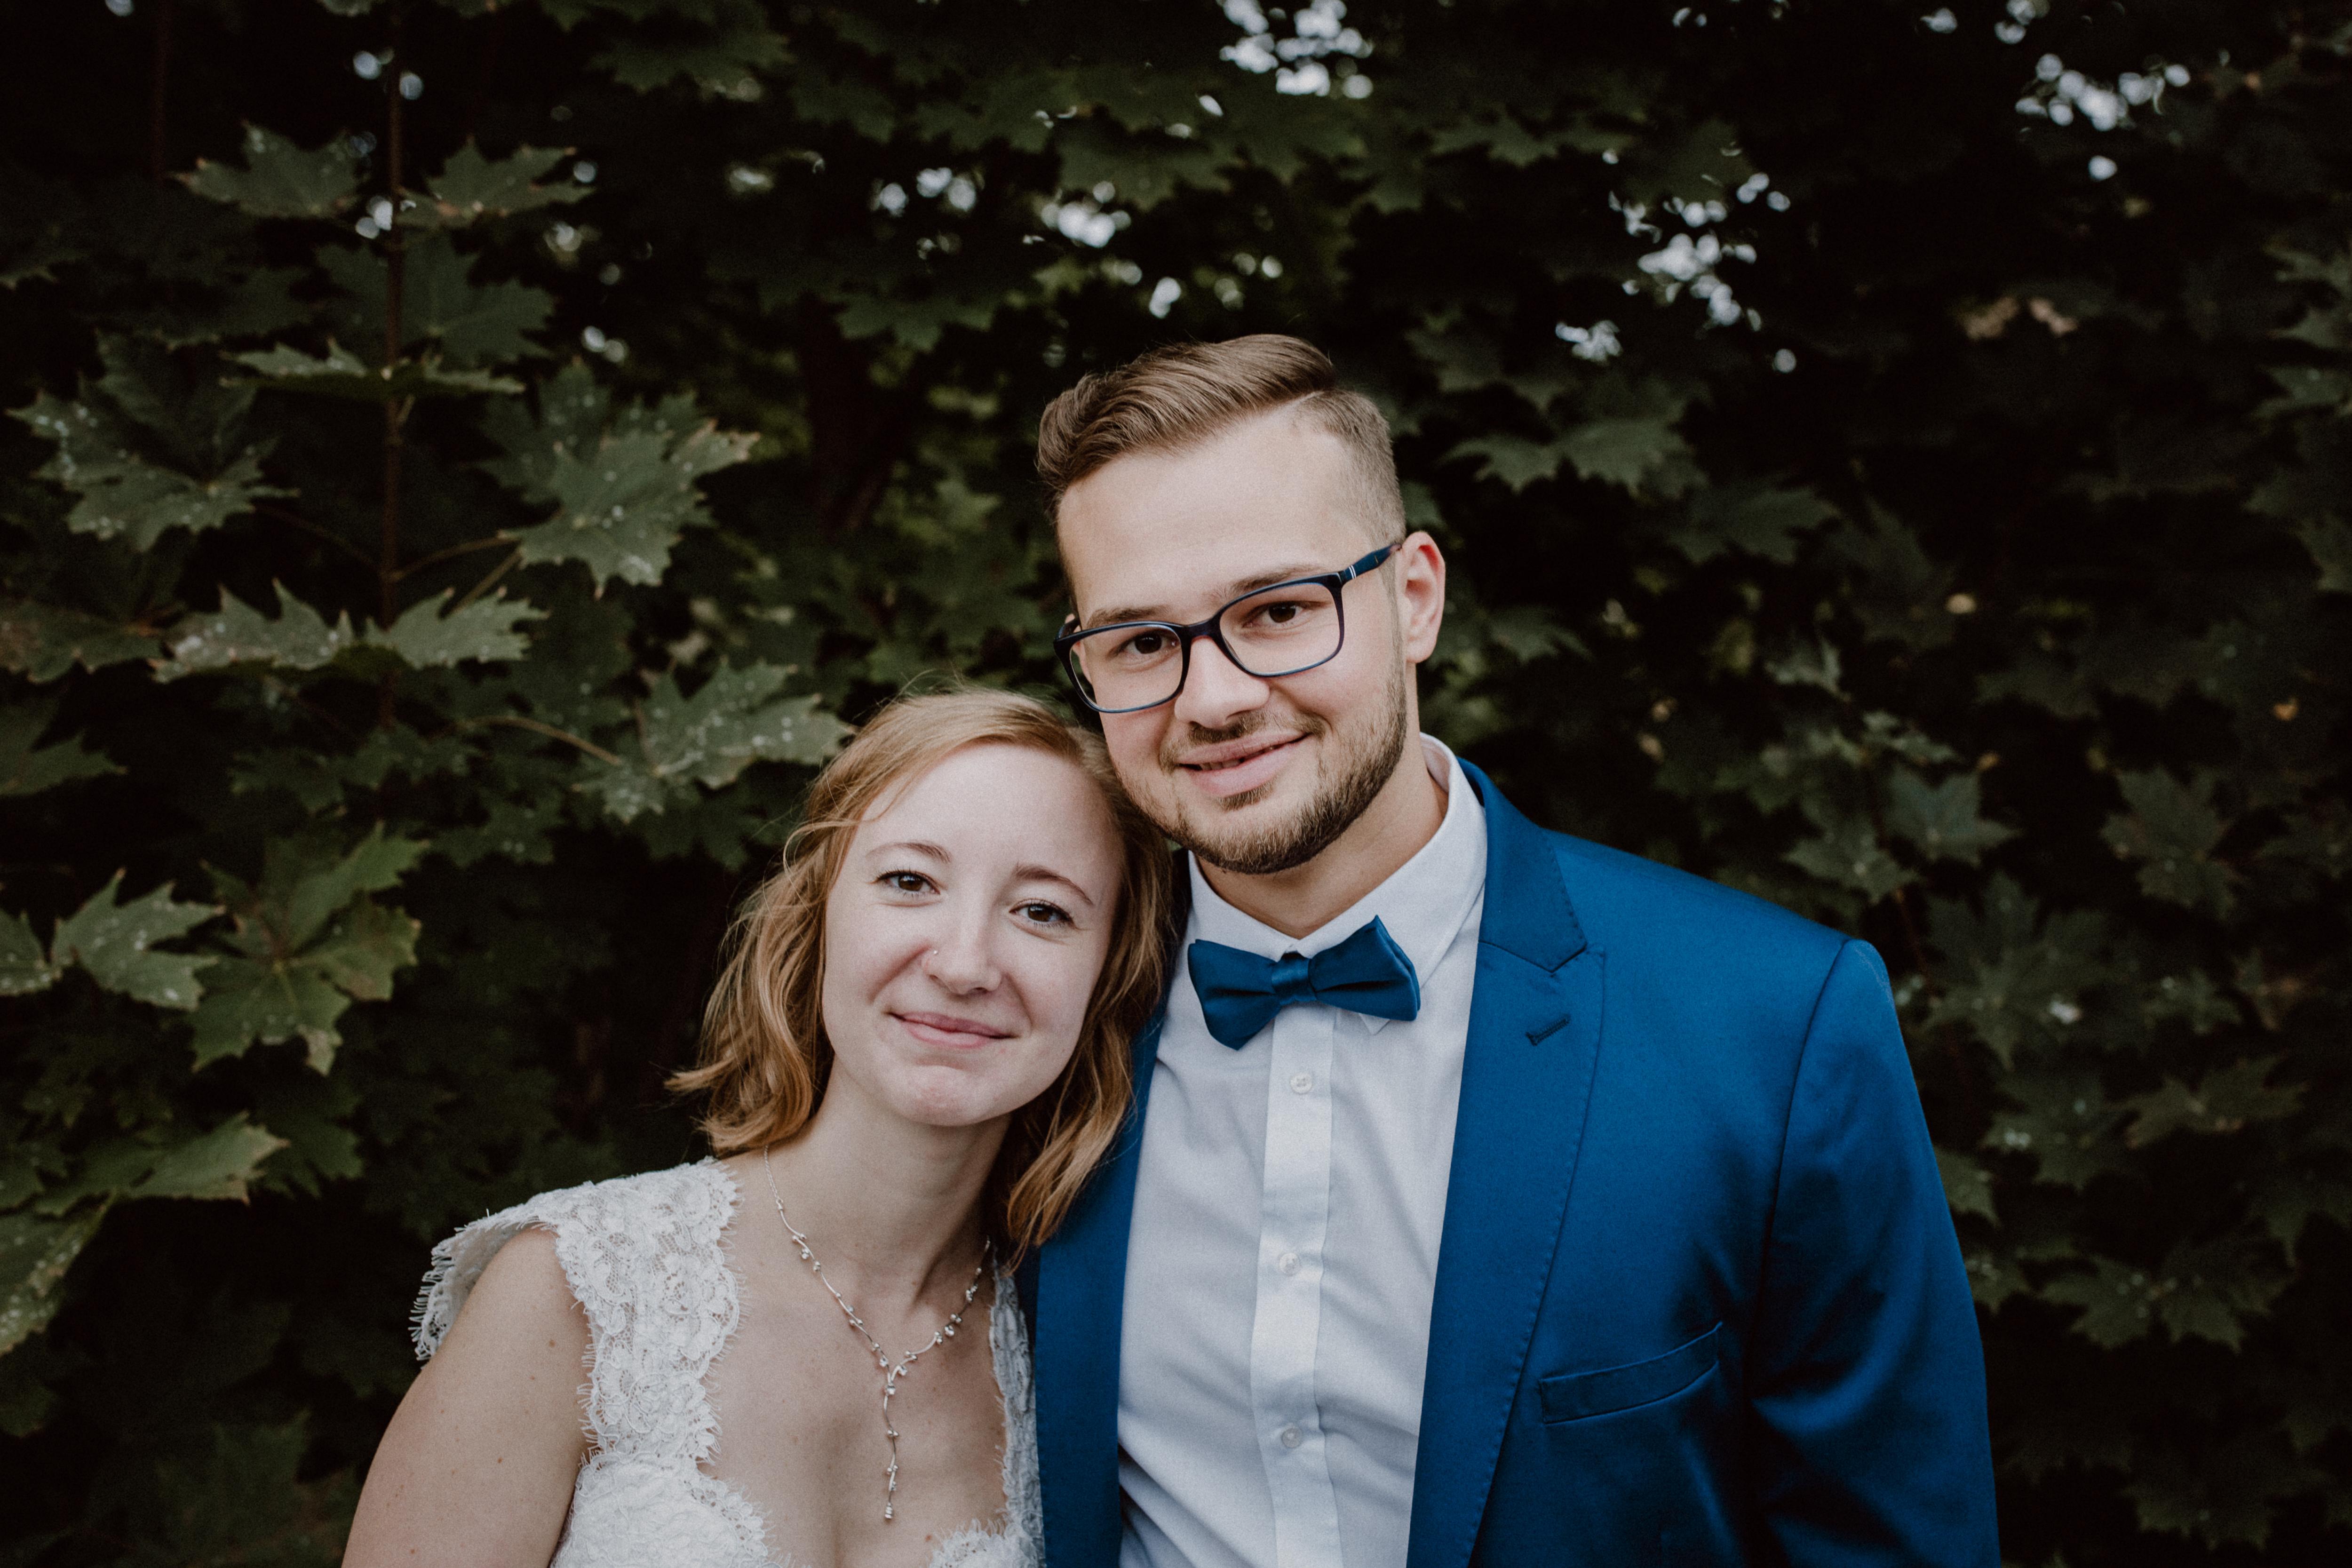 URBANERIE_Daniela_Goth_Hochzeitsfotografin_Nürnberg_Fürth_Erlangen_Schwabach_17907_0437